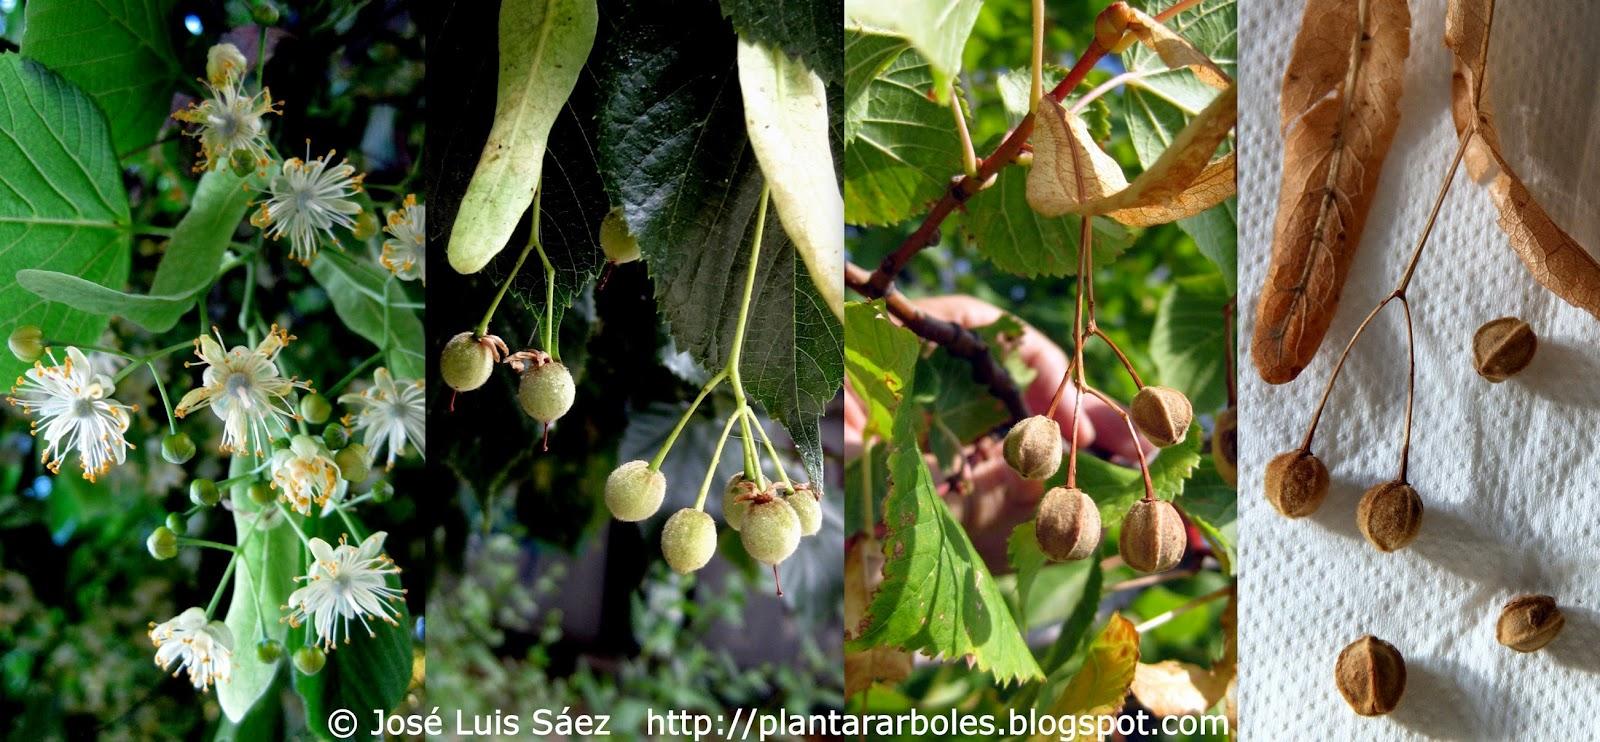 Plantar rboles y arbustos rboles aut ctonos de espa a for Arbol con raices y frutos